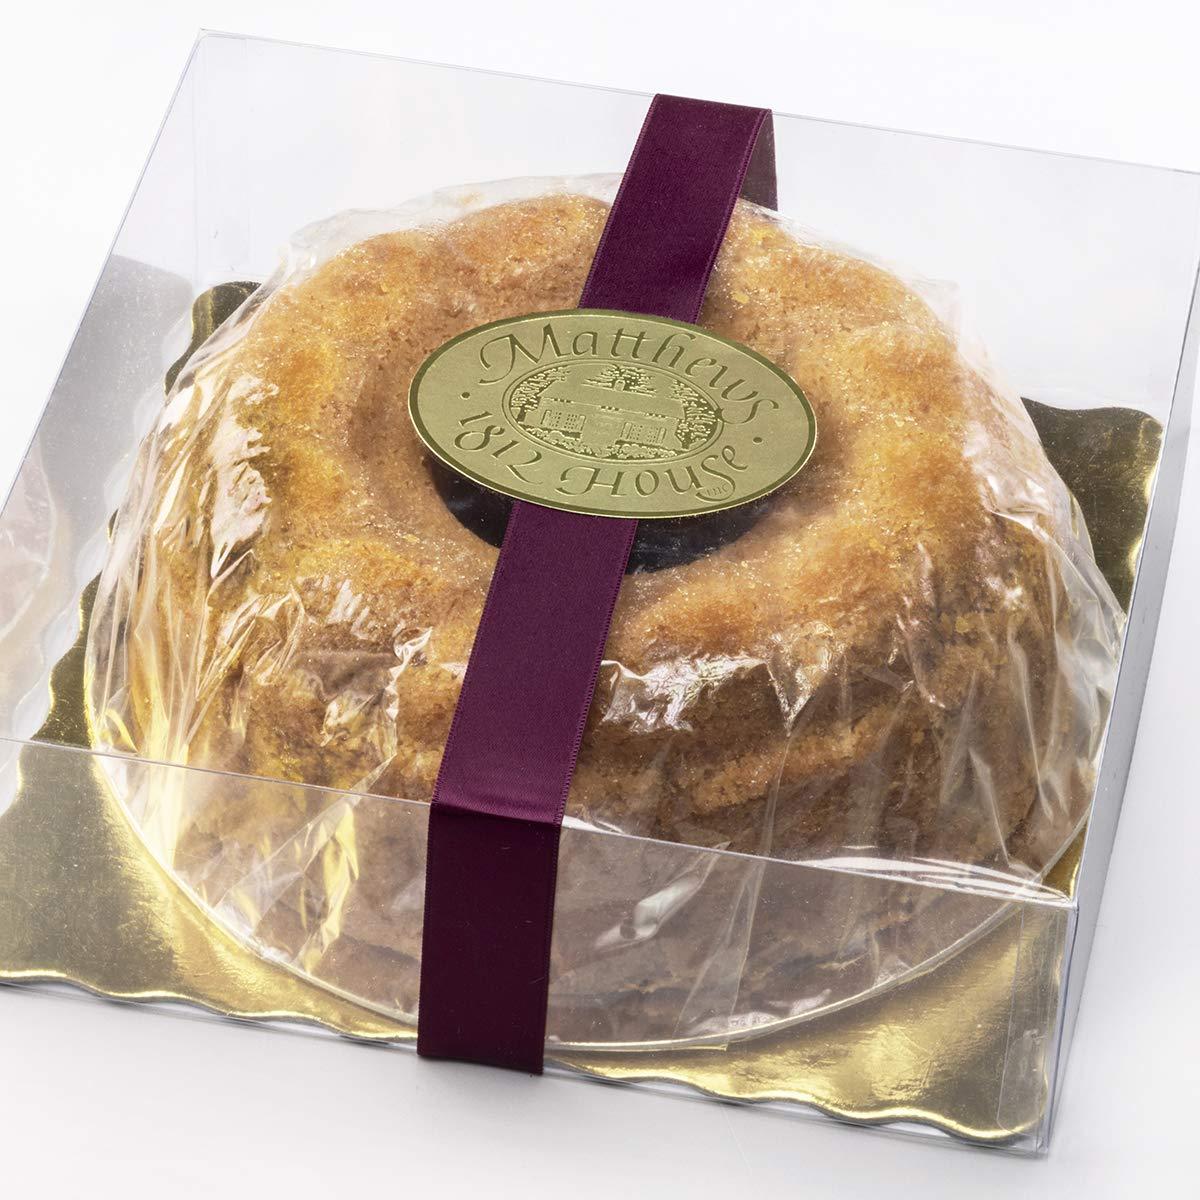 Matthews 1812 House Gourmet Marzipan Almond Pound Cake